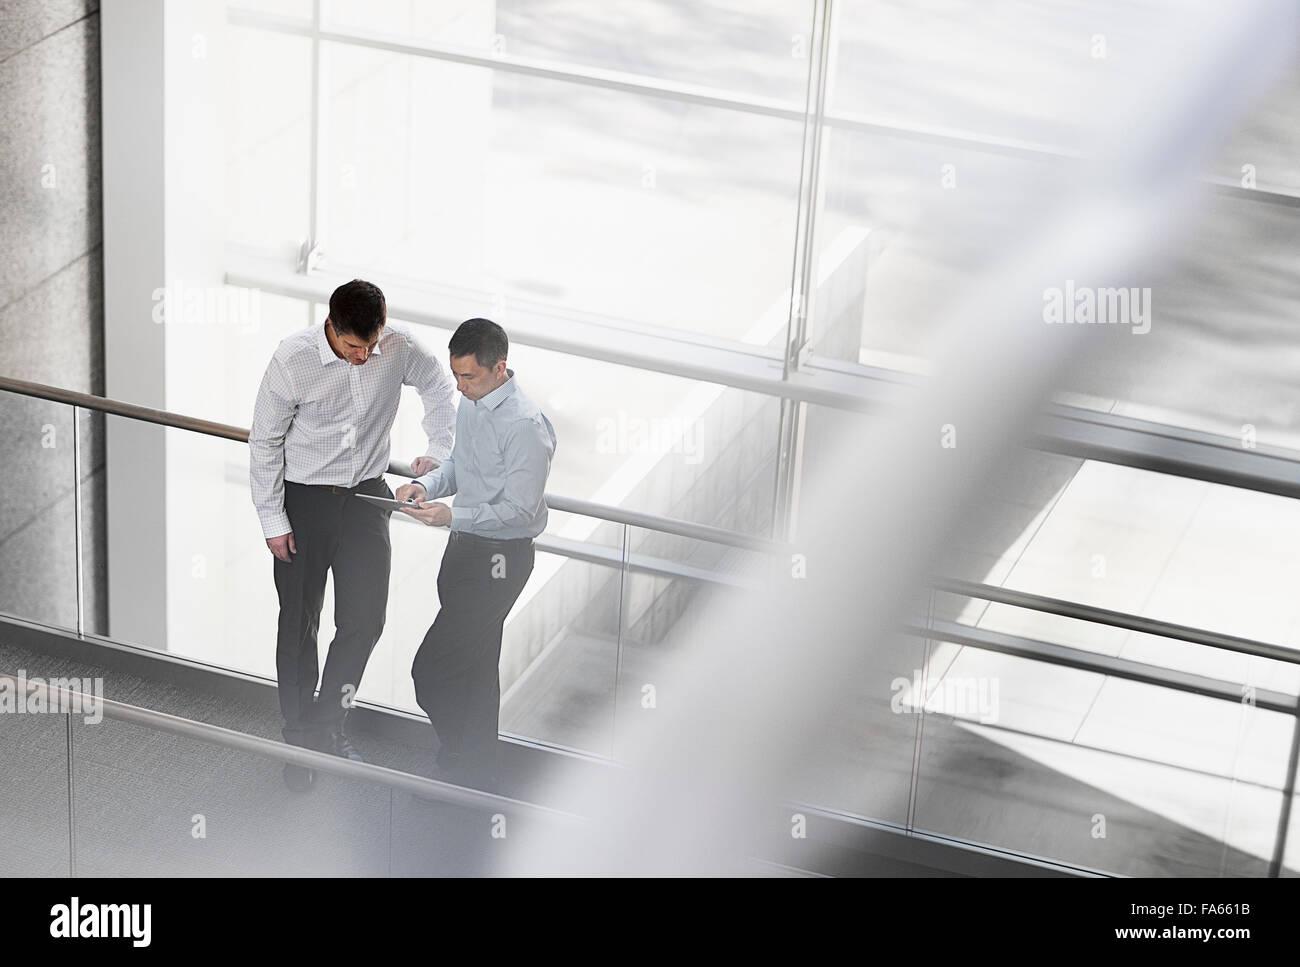 Due uomini stavano in piedi dalle grandi finestre di un edificio, guardando lo schermo di una tavoletta digitale. Immagini Stock